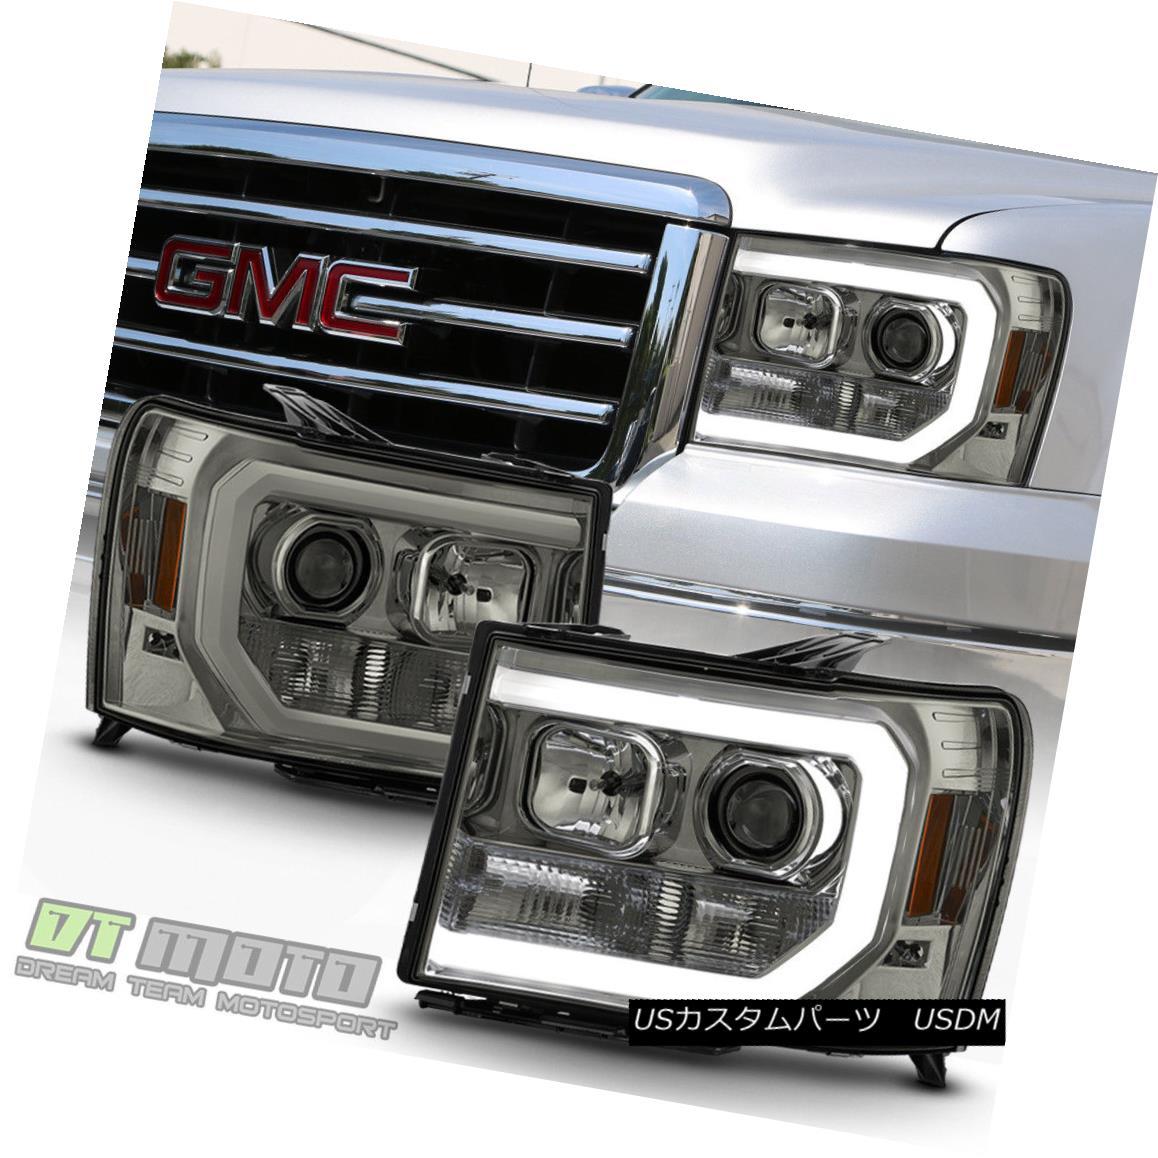 ヘッドライト Smoked 2007-2013 GMC Sierra 1500 2500 3500HD LED OPTIC Tube Projector Headlights スモーク2007-2013 GMC Sierra 1500 2500 3500HD LEDオプティカルチューブプロジェクターヘッドライト